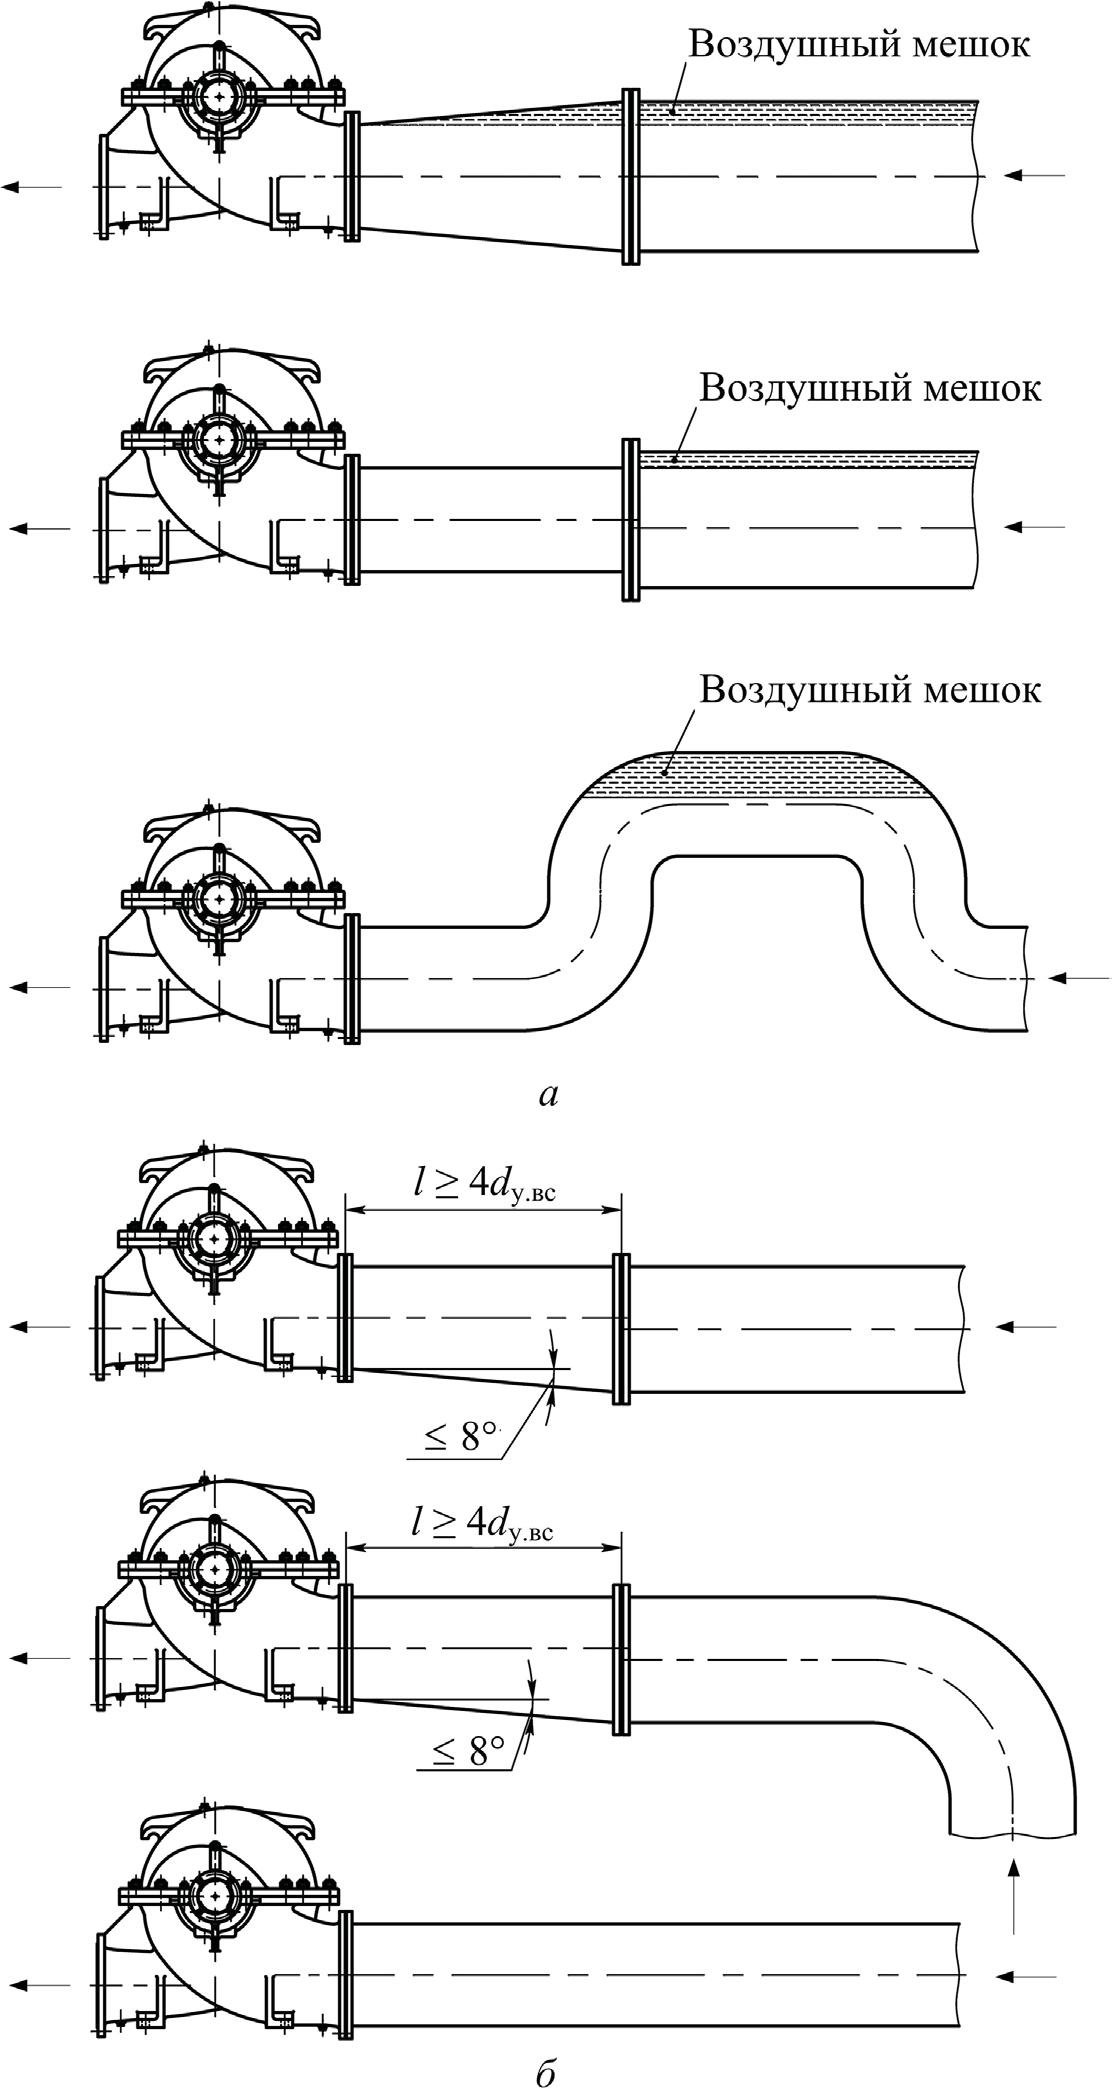 Примеры монтажа всасывающих трубопроводов насосов